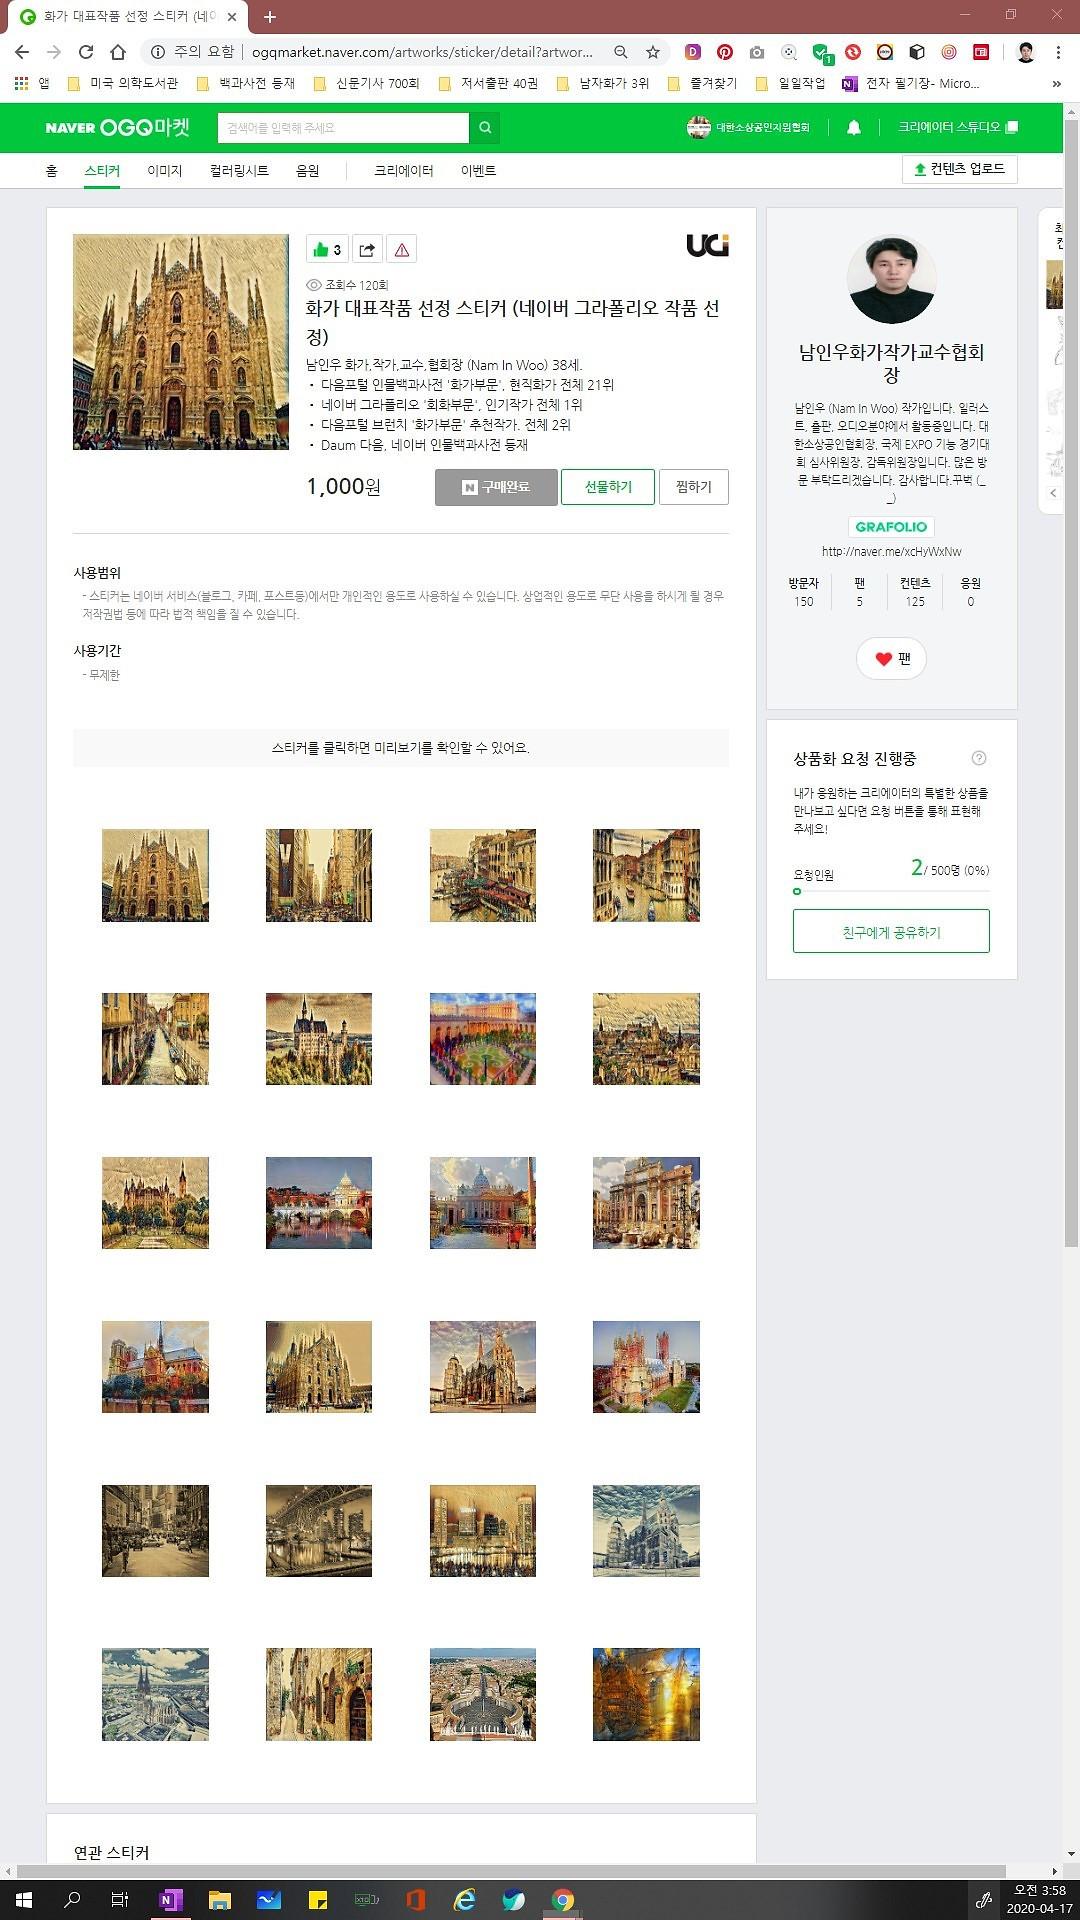 남인우 화가 작가 교수 협회장 대표작품 선정 스티커(네이버 그라폴리오 작